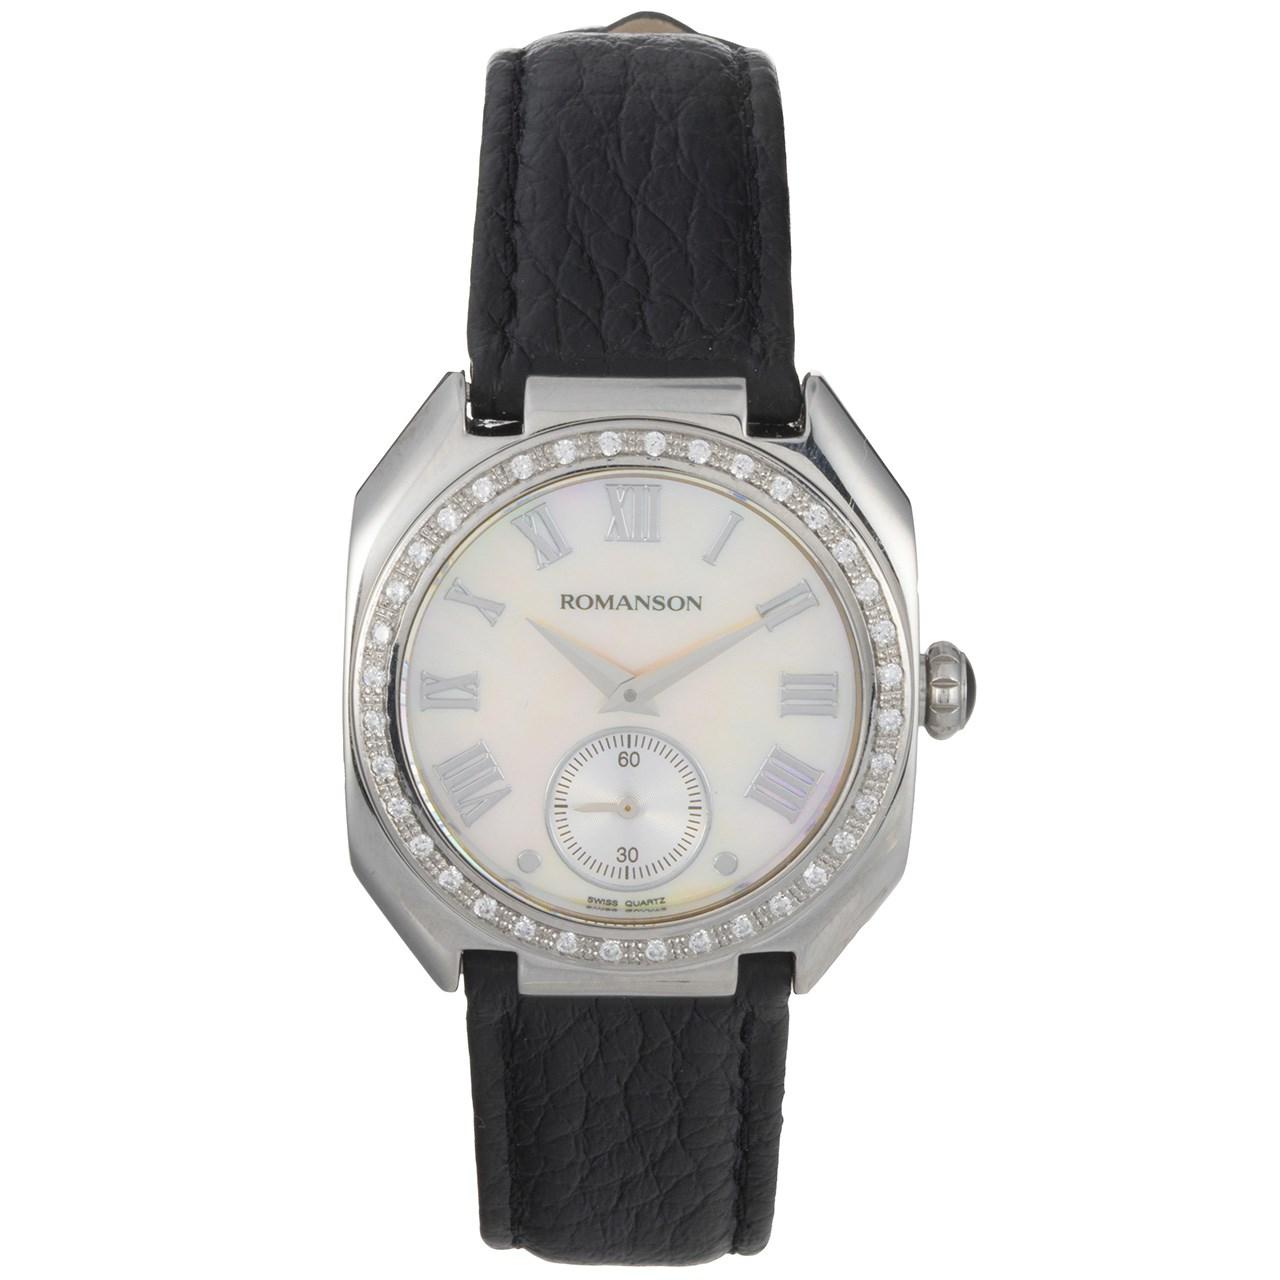 ساعت مچی عقربه ای زنانه رومانسون مدل RL1208QL1WM12W -  - 1